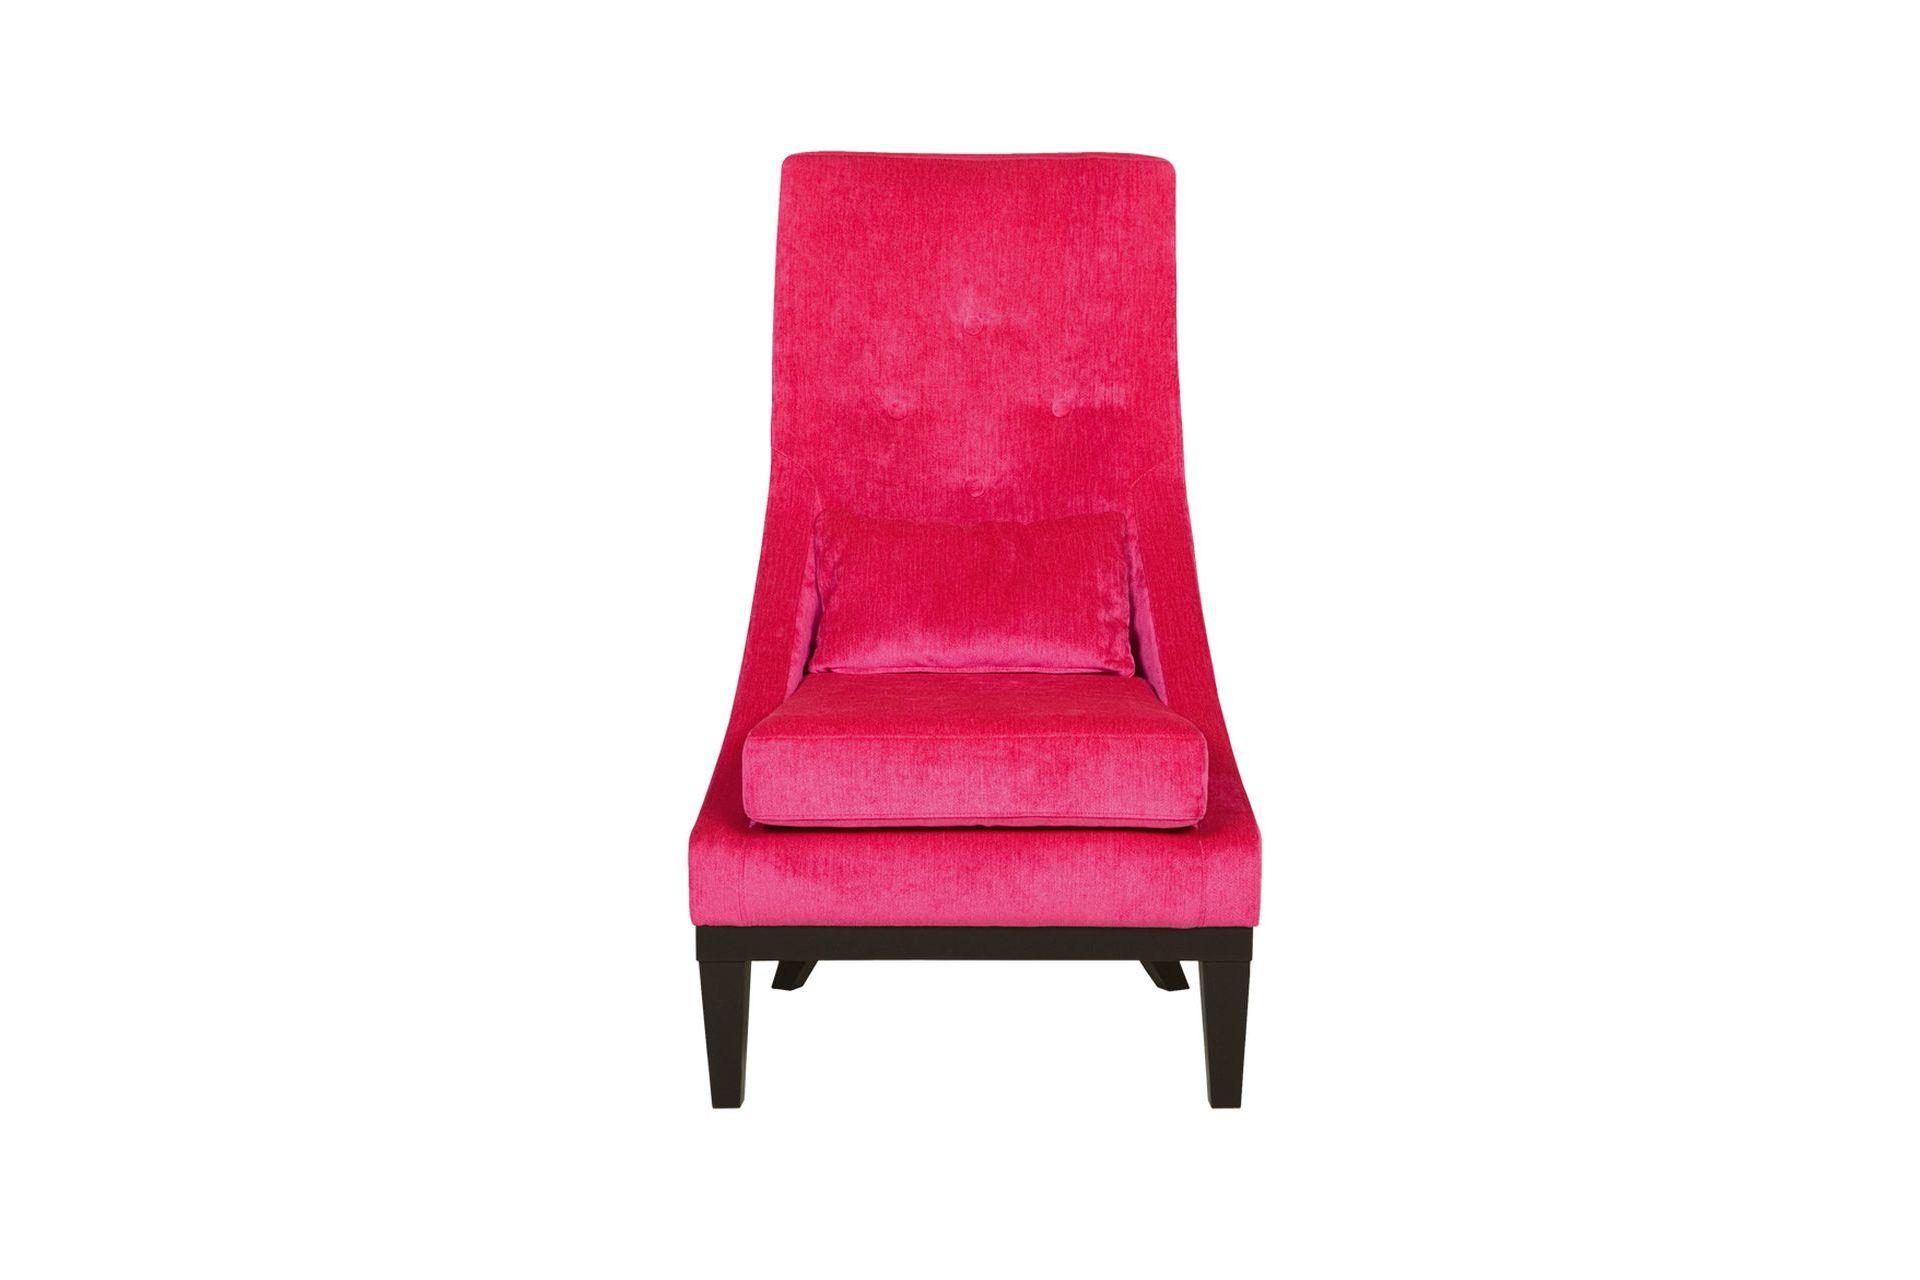 """Купить Полукресло """"ginevra"""" (Sits) красный текстиль 62x103x85 см. 85487 в интернет магазине. Цены, фото, описания, характеристики, отзывы, обзоры"""